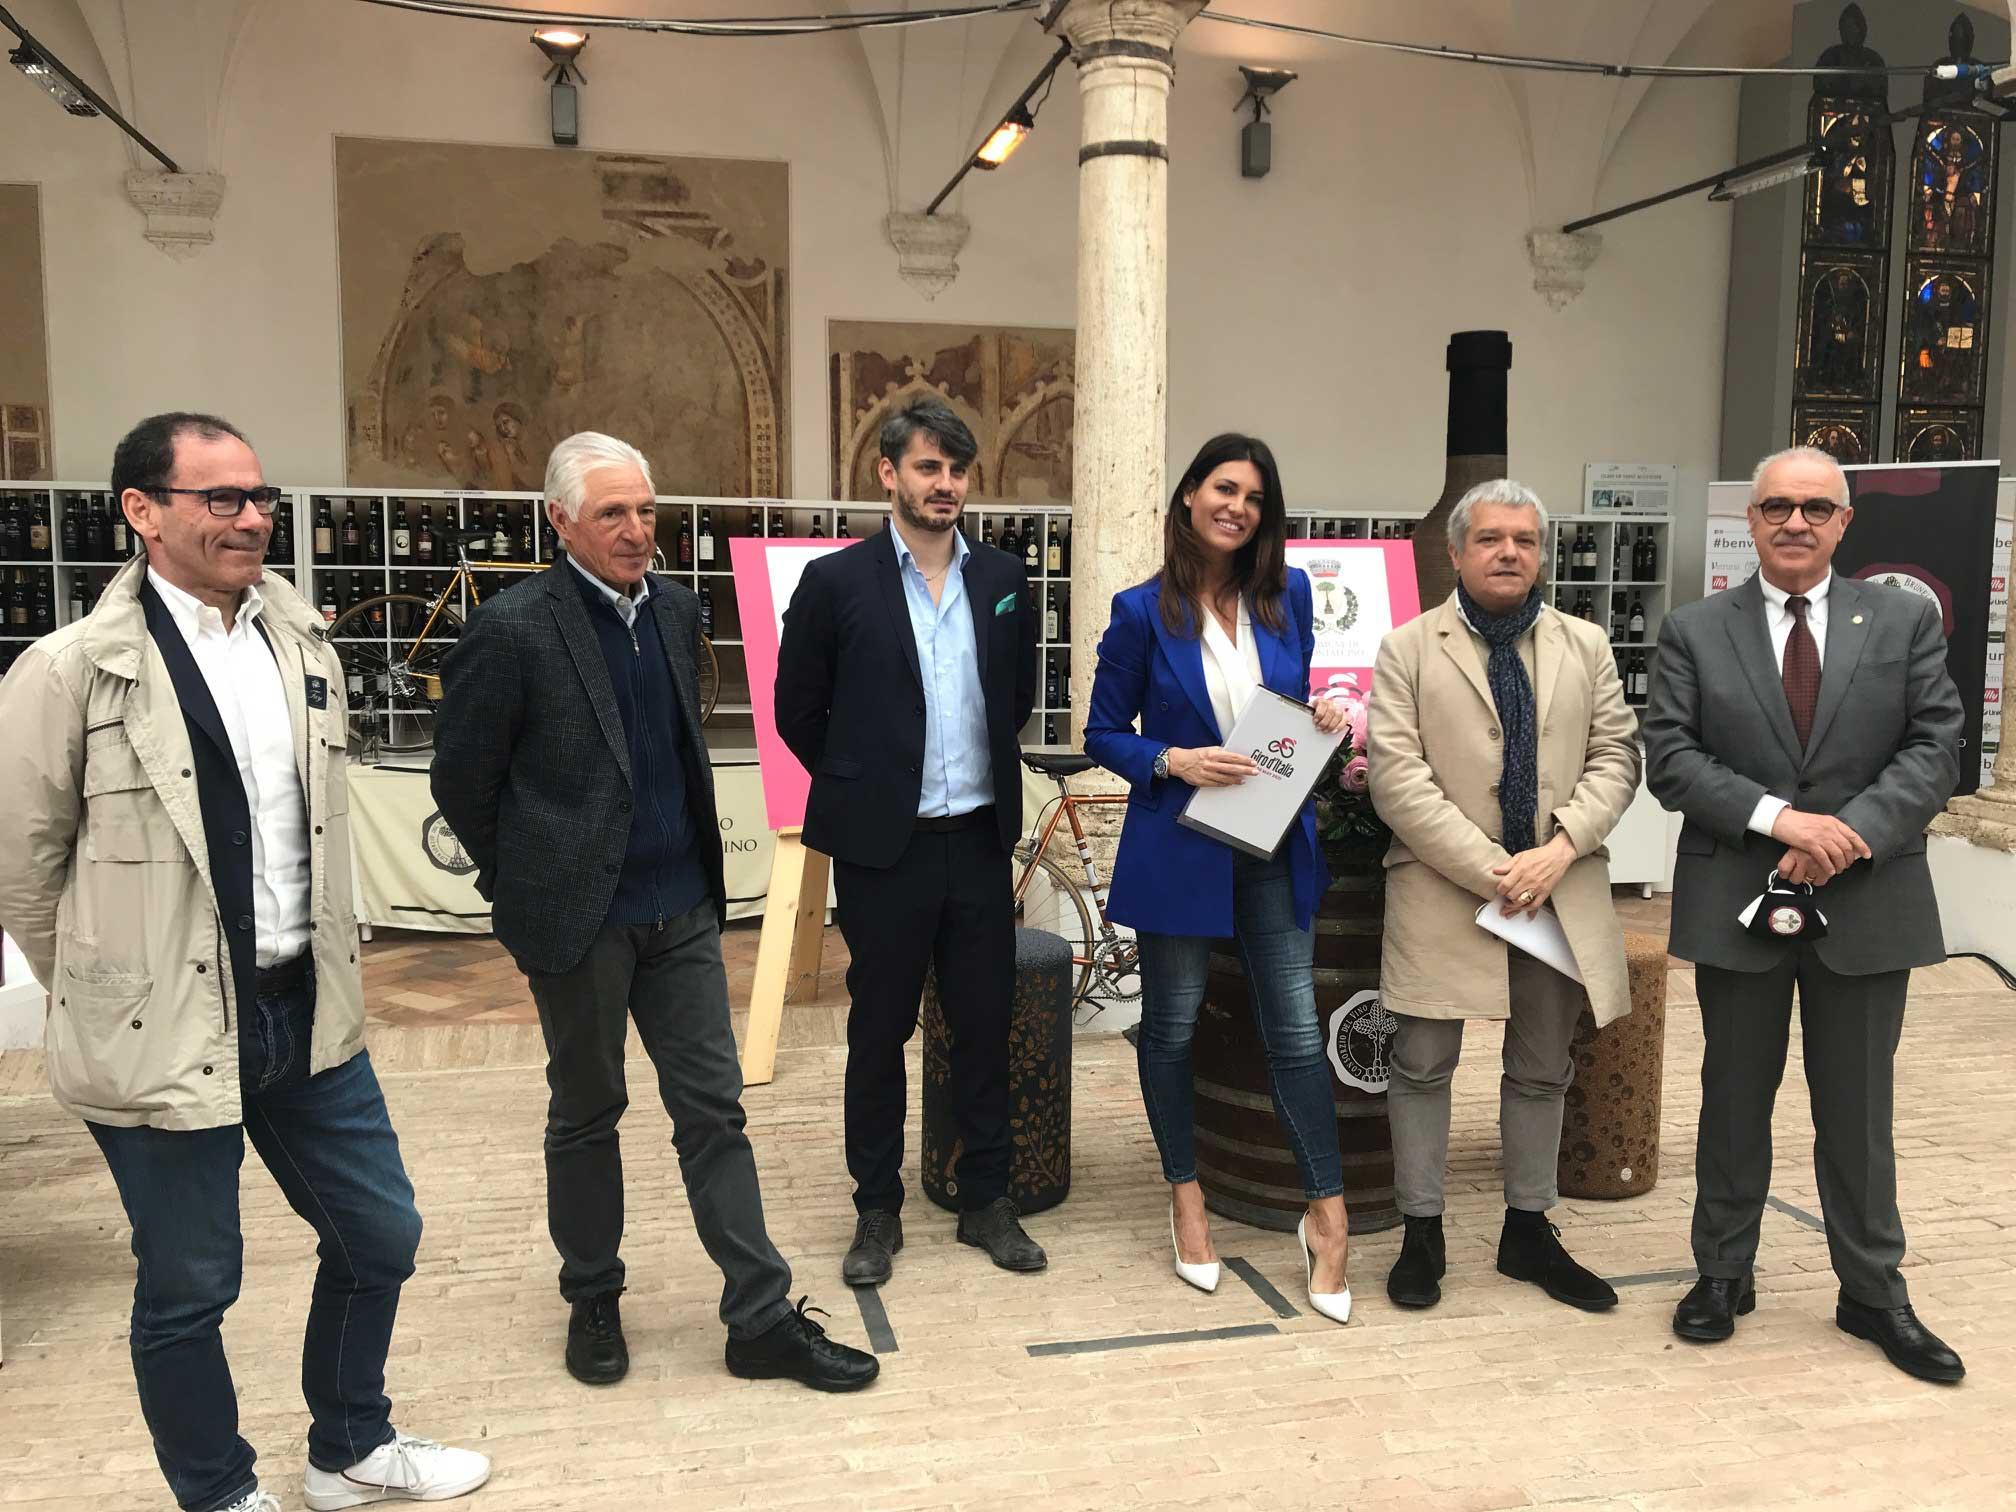 Il Giro d'Italia torna in terra di Siena con due tappe